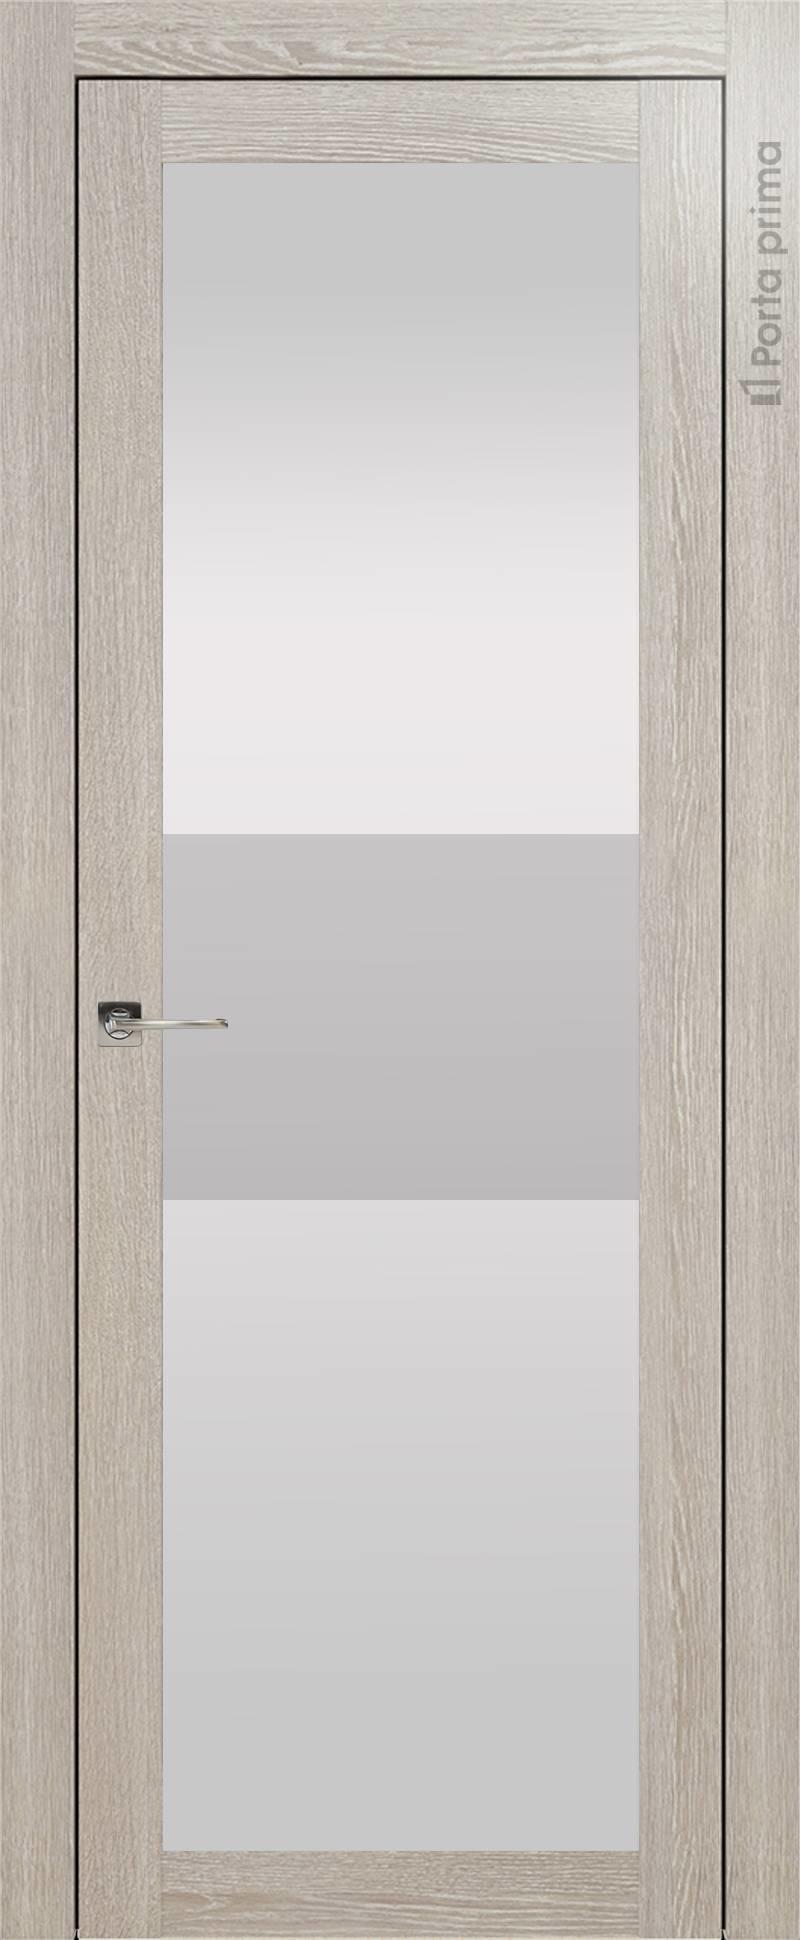 Tivoli З-4 цвет - Серый дуб Со стеклом (ДО)